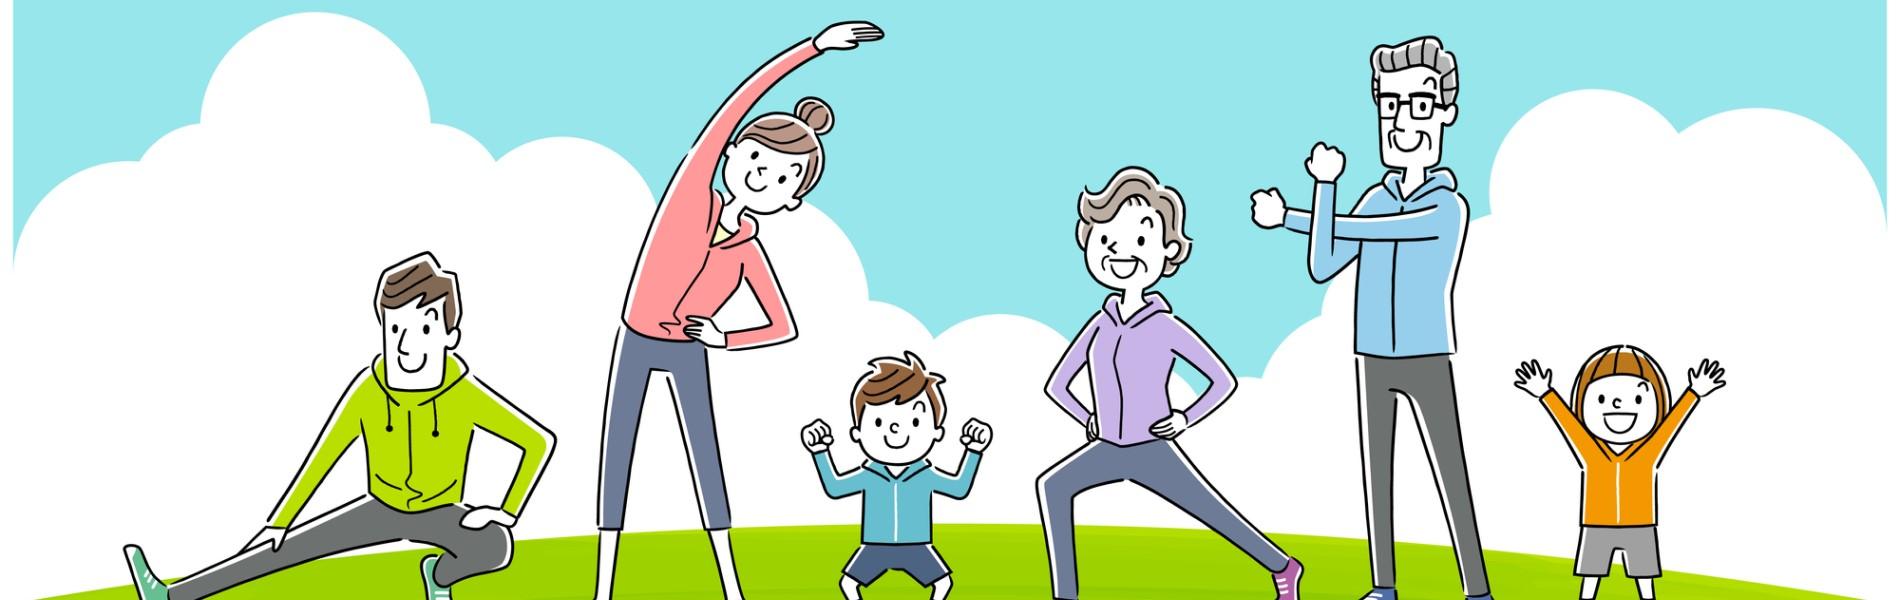 子ども・大人・高齢者・男女すべての人が楽しそうに運動をしている